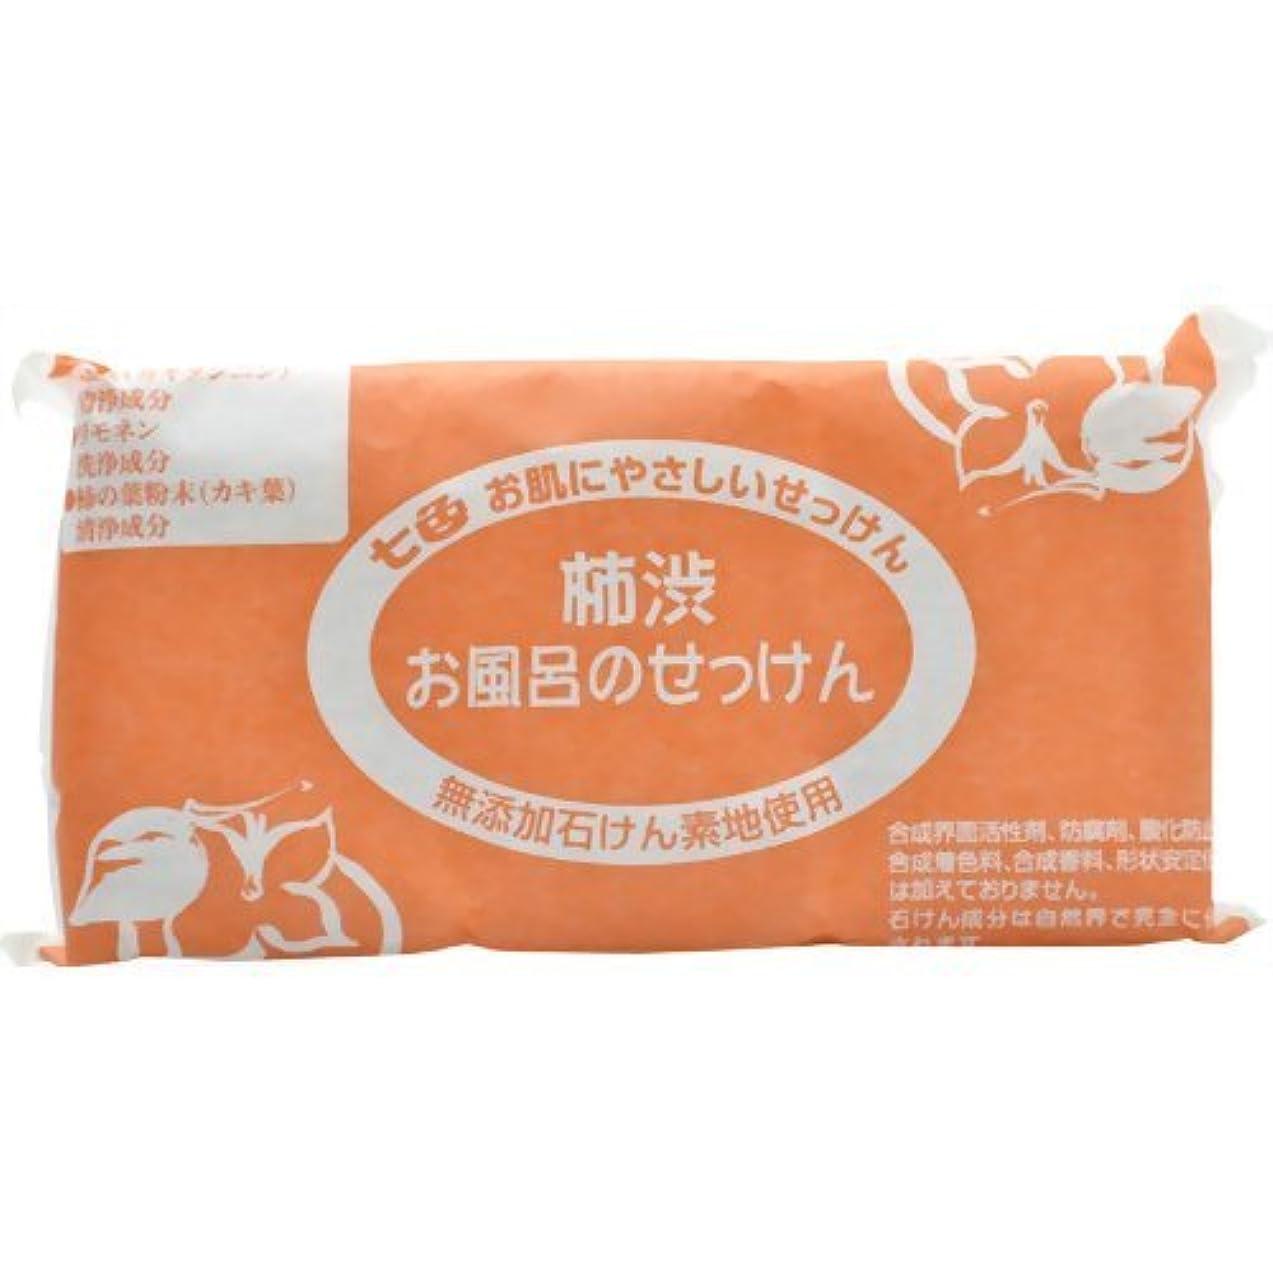 回転する軽蔑フリル七色 お風呂のせっけん 柿渋(無添加石鹸) 100g×3個入